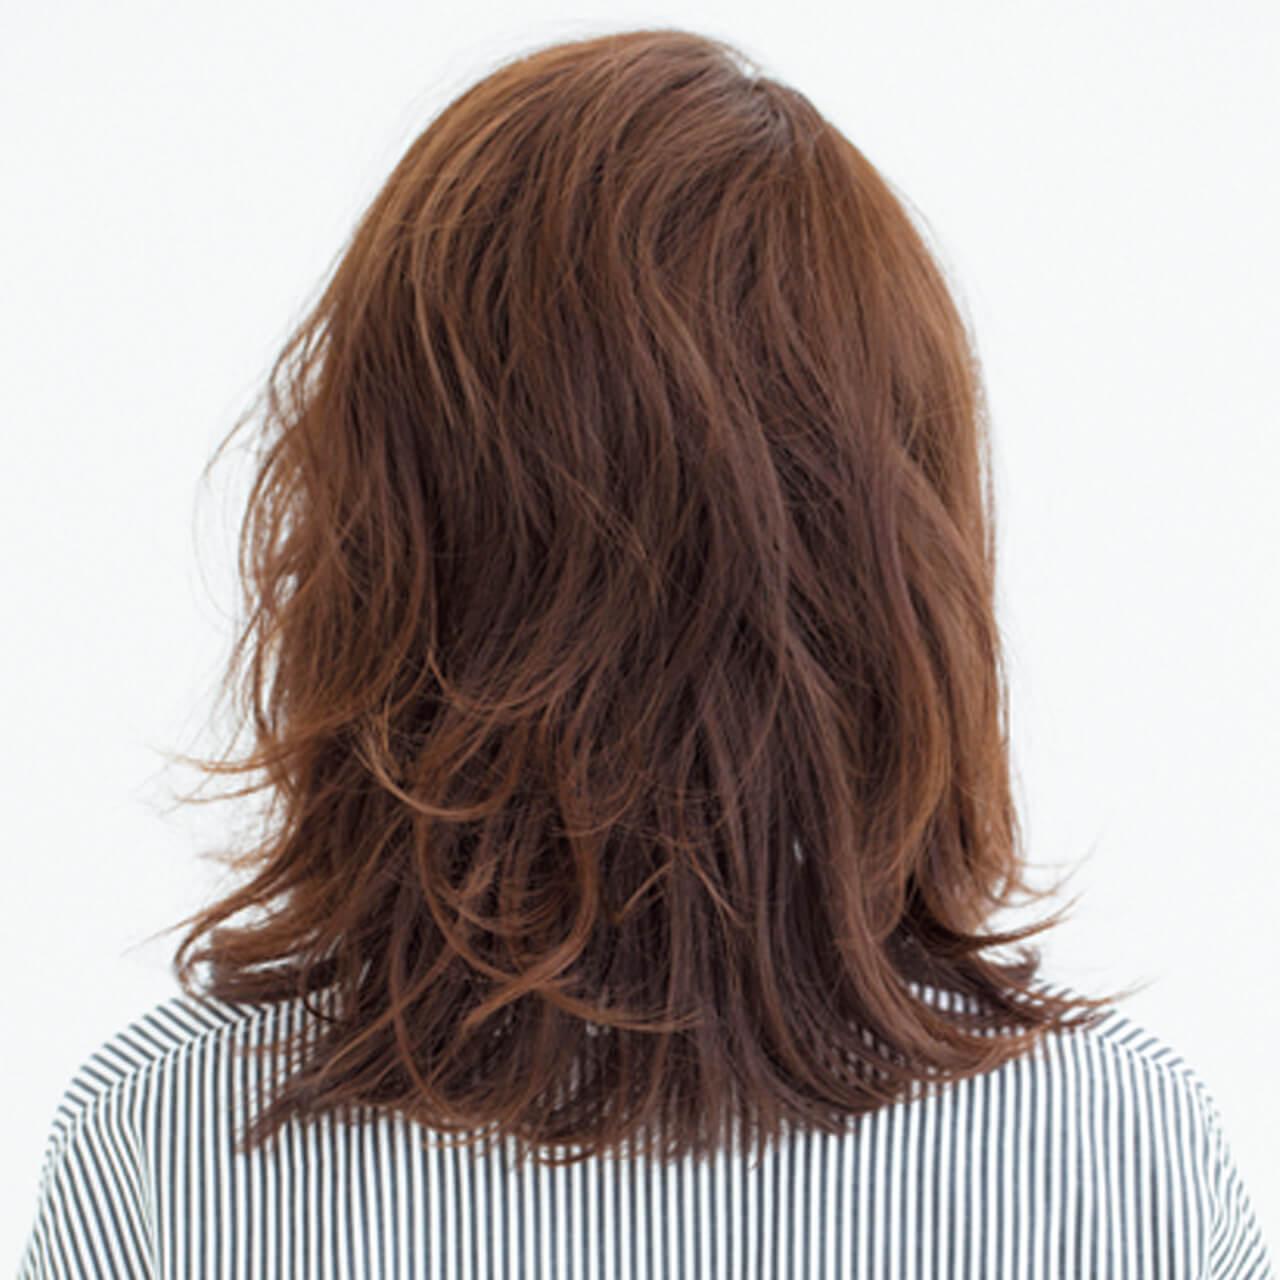 深刻な前髪のうねりも解決!長め×流し前髪でまとまりのあるツヤ髪が完成【40代のミディアムヘア】_1_3